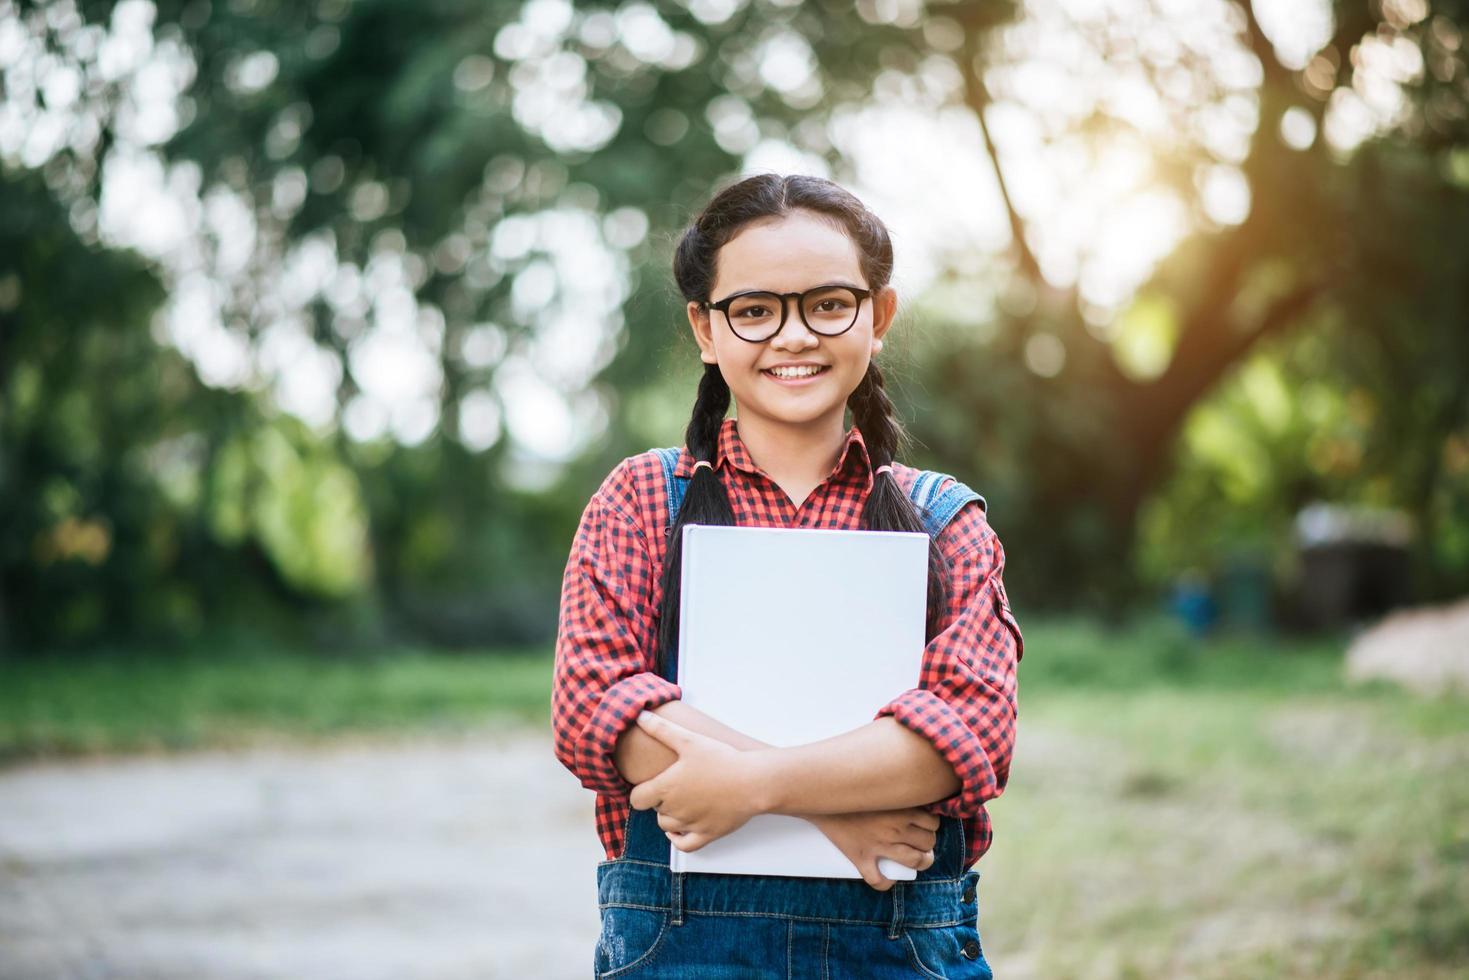 jeune étudiante tenant un livre photo